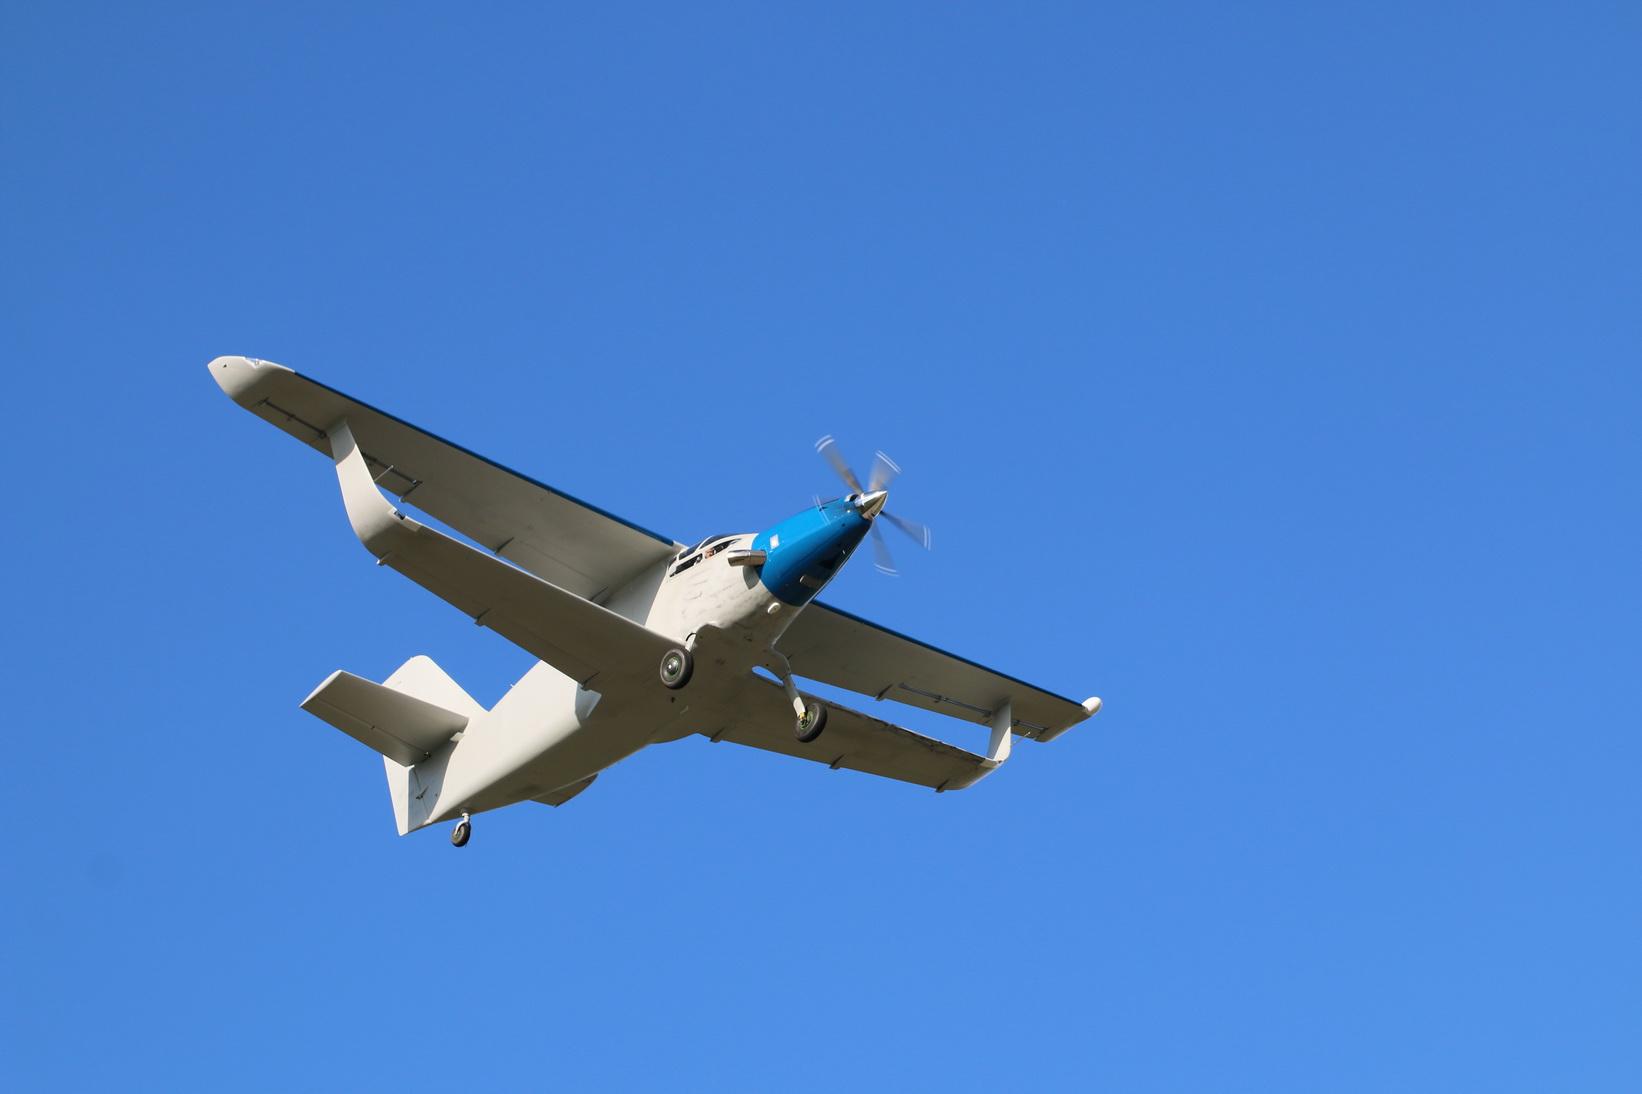 Первый полет цельнокомпозитного самолета ТВС-2ДТС IMG_2247_resize